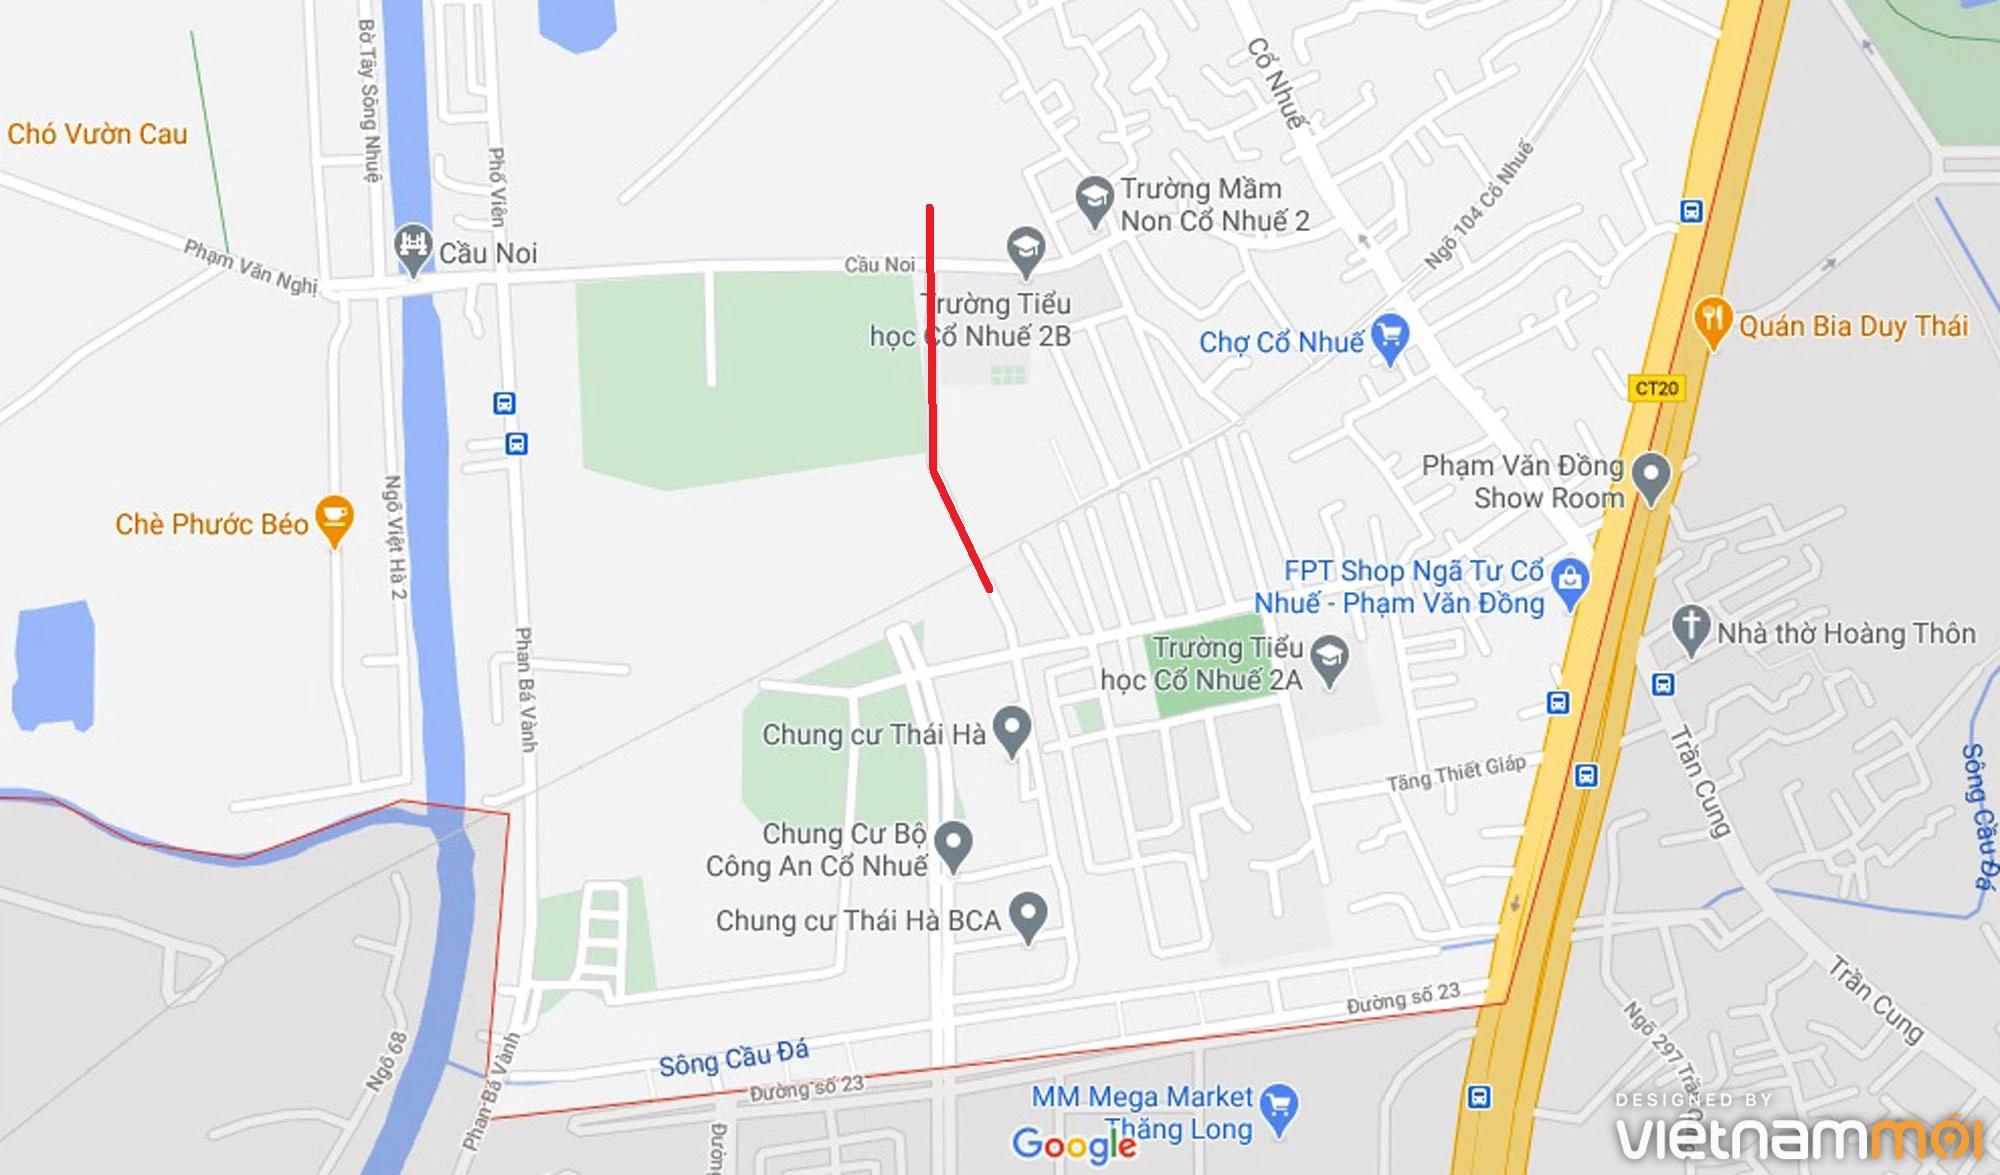 Ba đường sẽ mở theo qui hoạch ở phường Cổ Nhuế 2, Bắc Từ Liêm, Hà Nội (phần 2) - Ảnh 2.